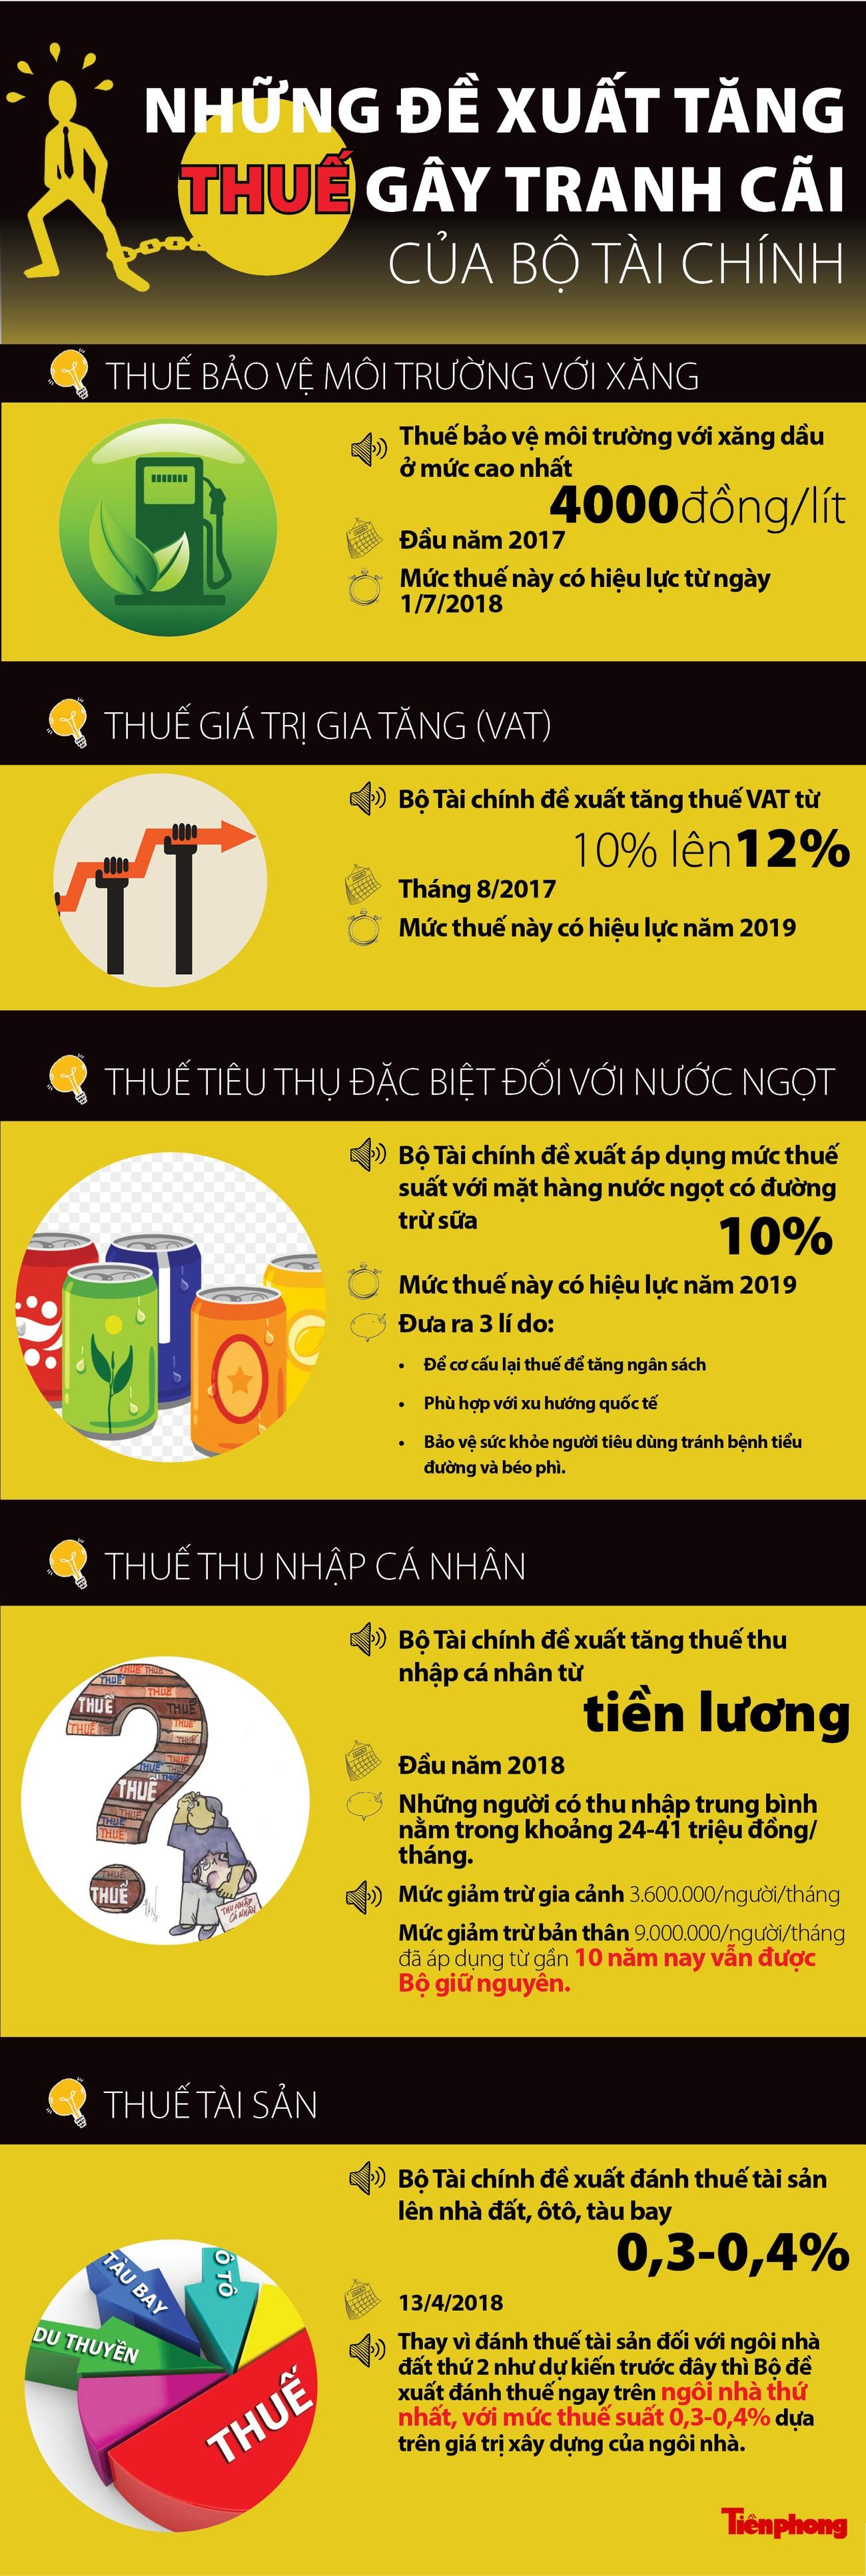 [Infographics] Những đề xuất tăng thuế gây tranh cãi của Bộ Tài chính ảnh 1